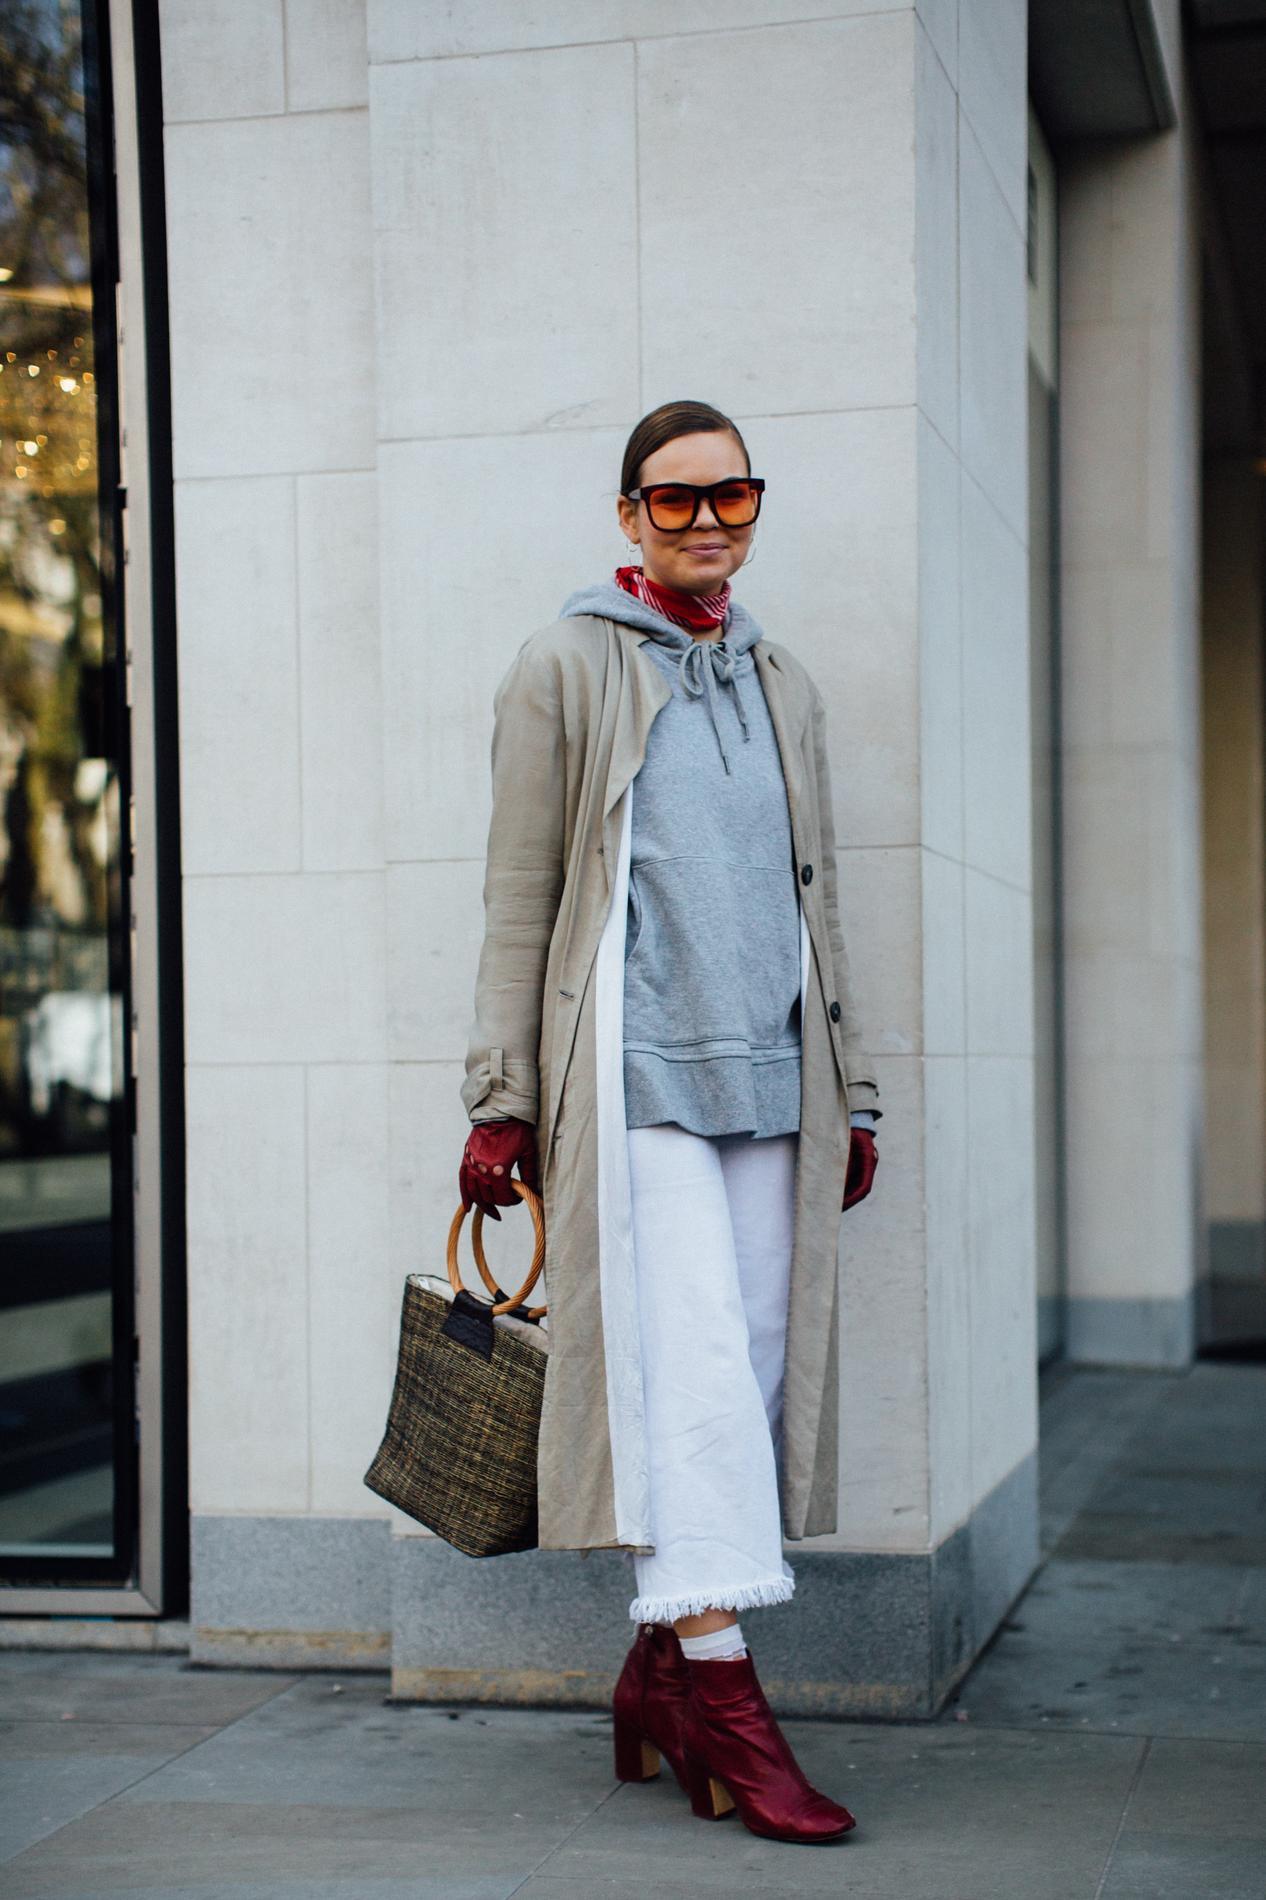 bons plans sur la mode hot-vente plus récent coût modéré Cinq conseils pour porter le sweat passé 30 ans - Madame Figaro